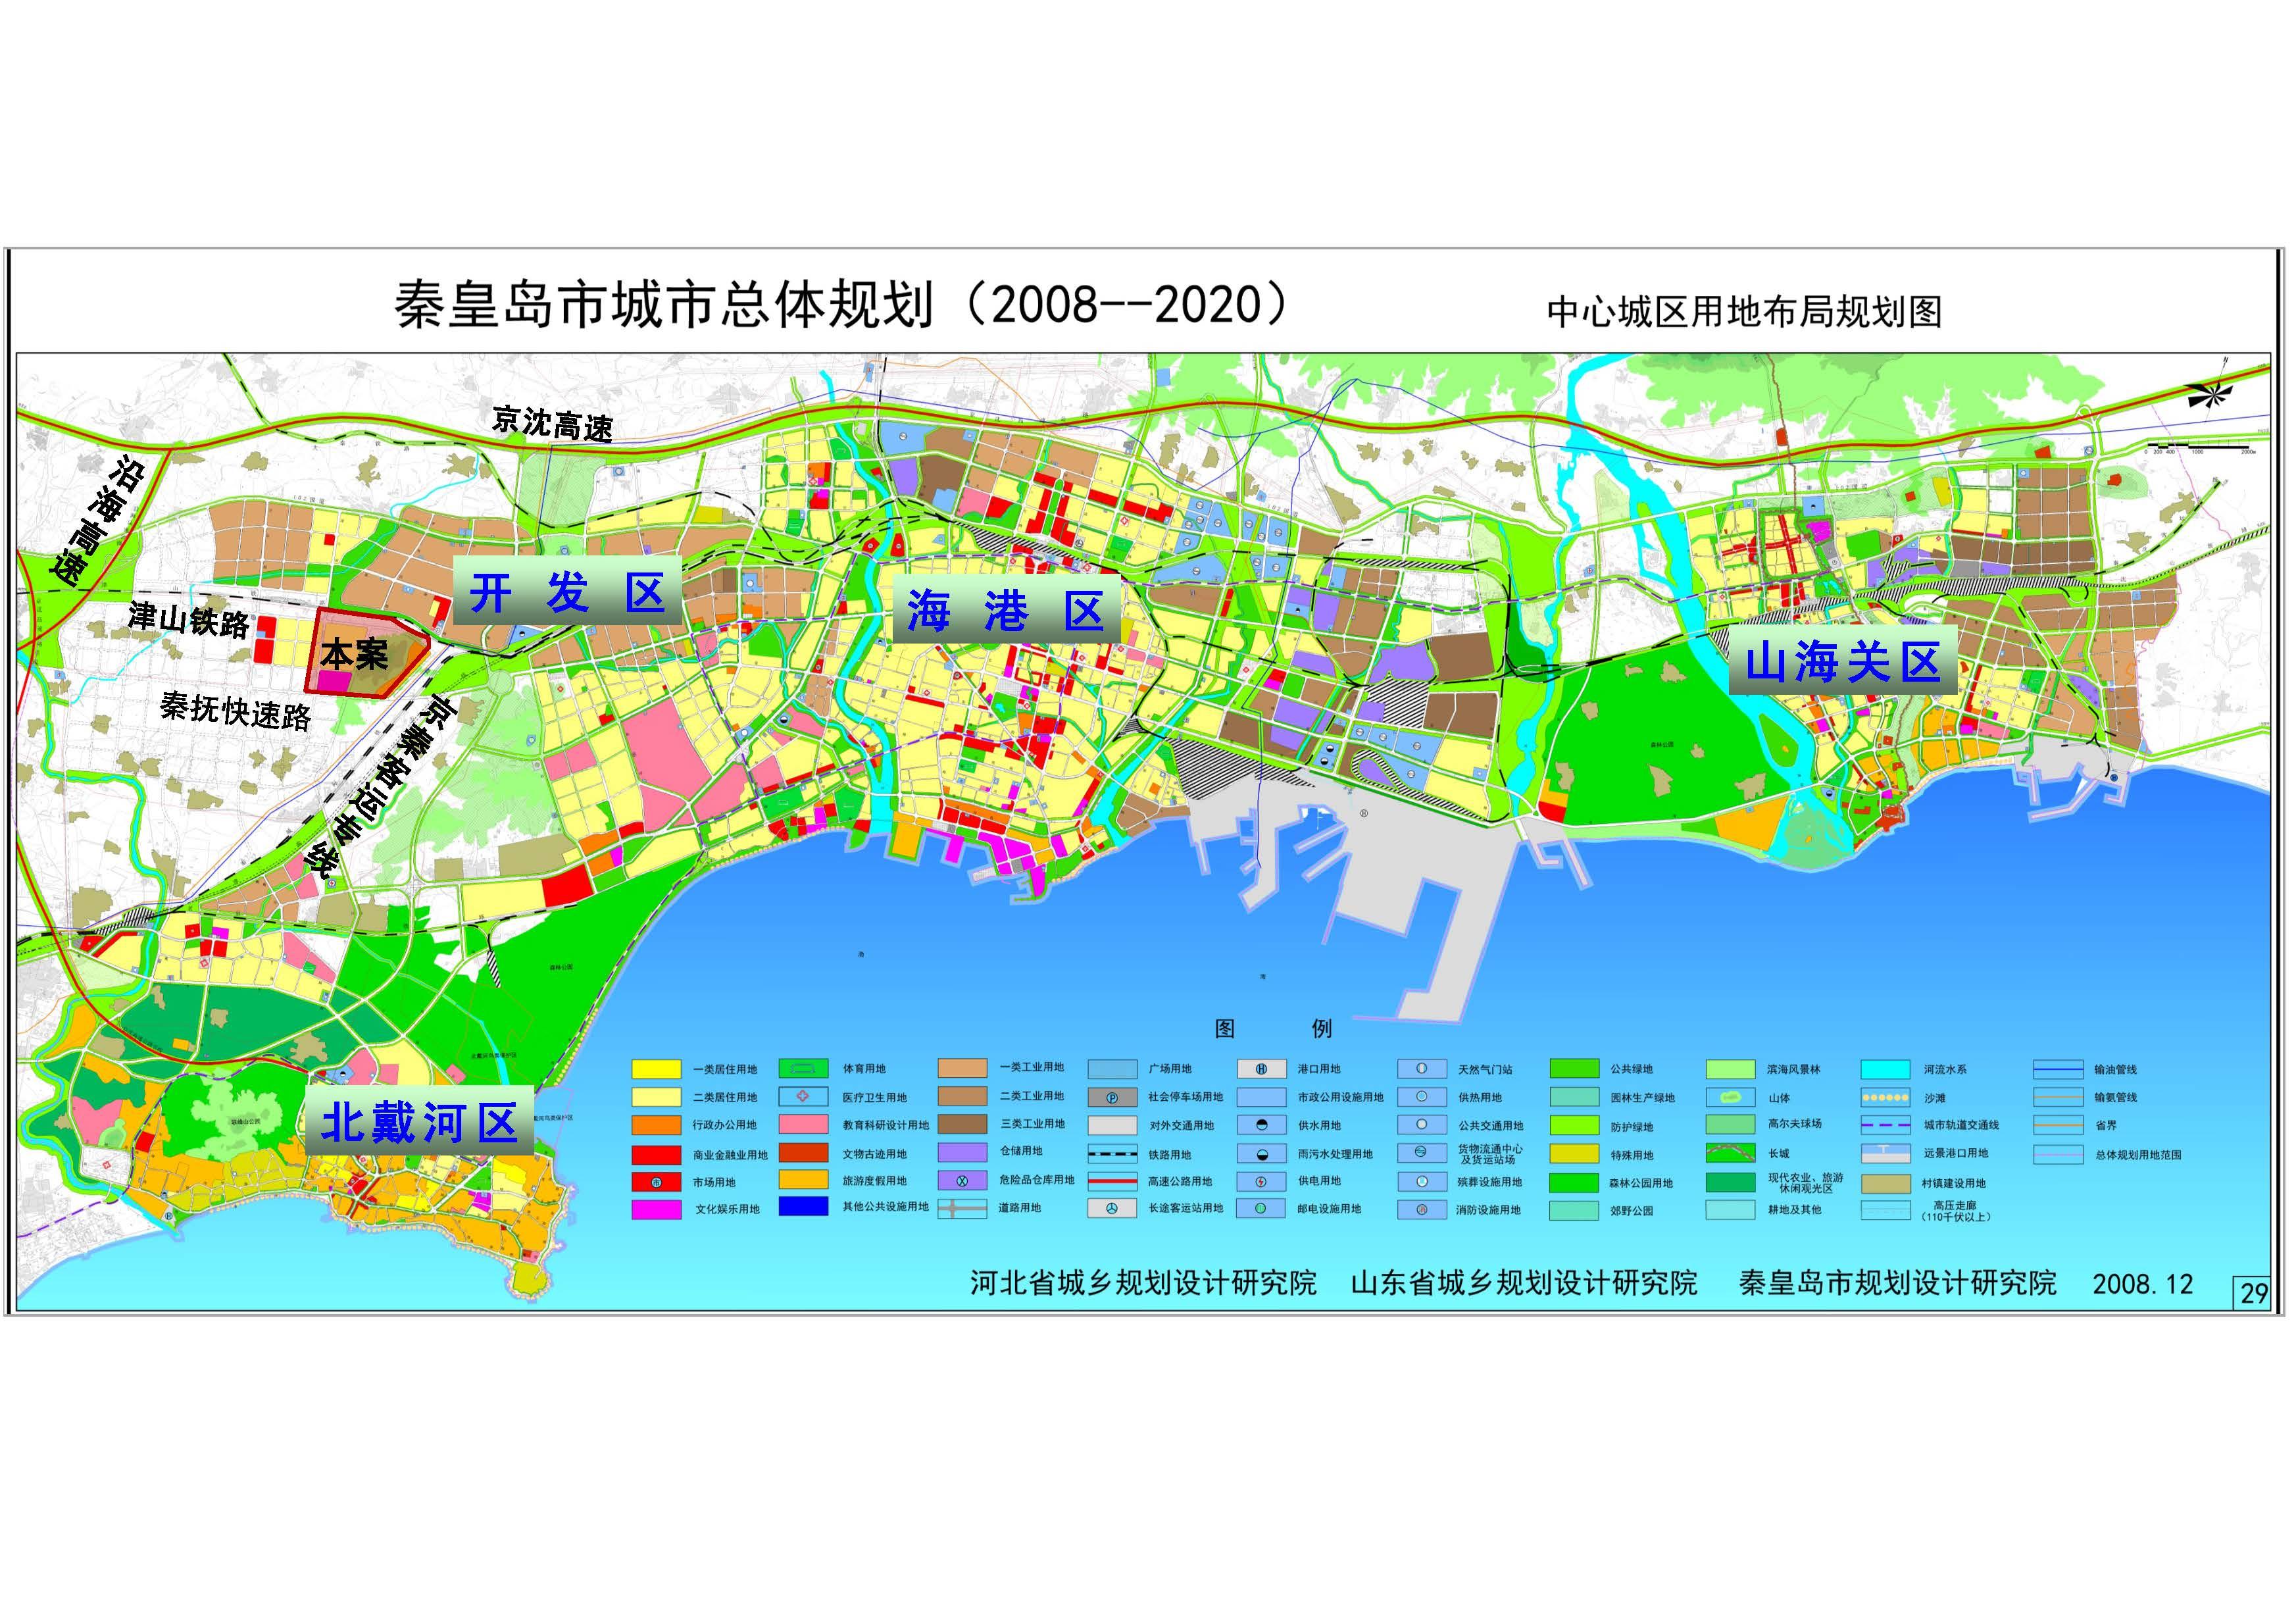 秦皇岛城市总体规划图